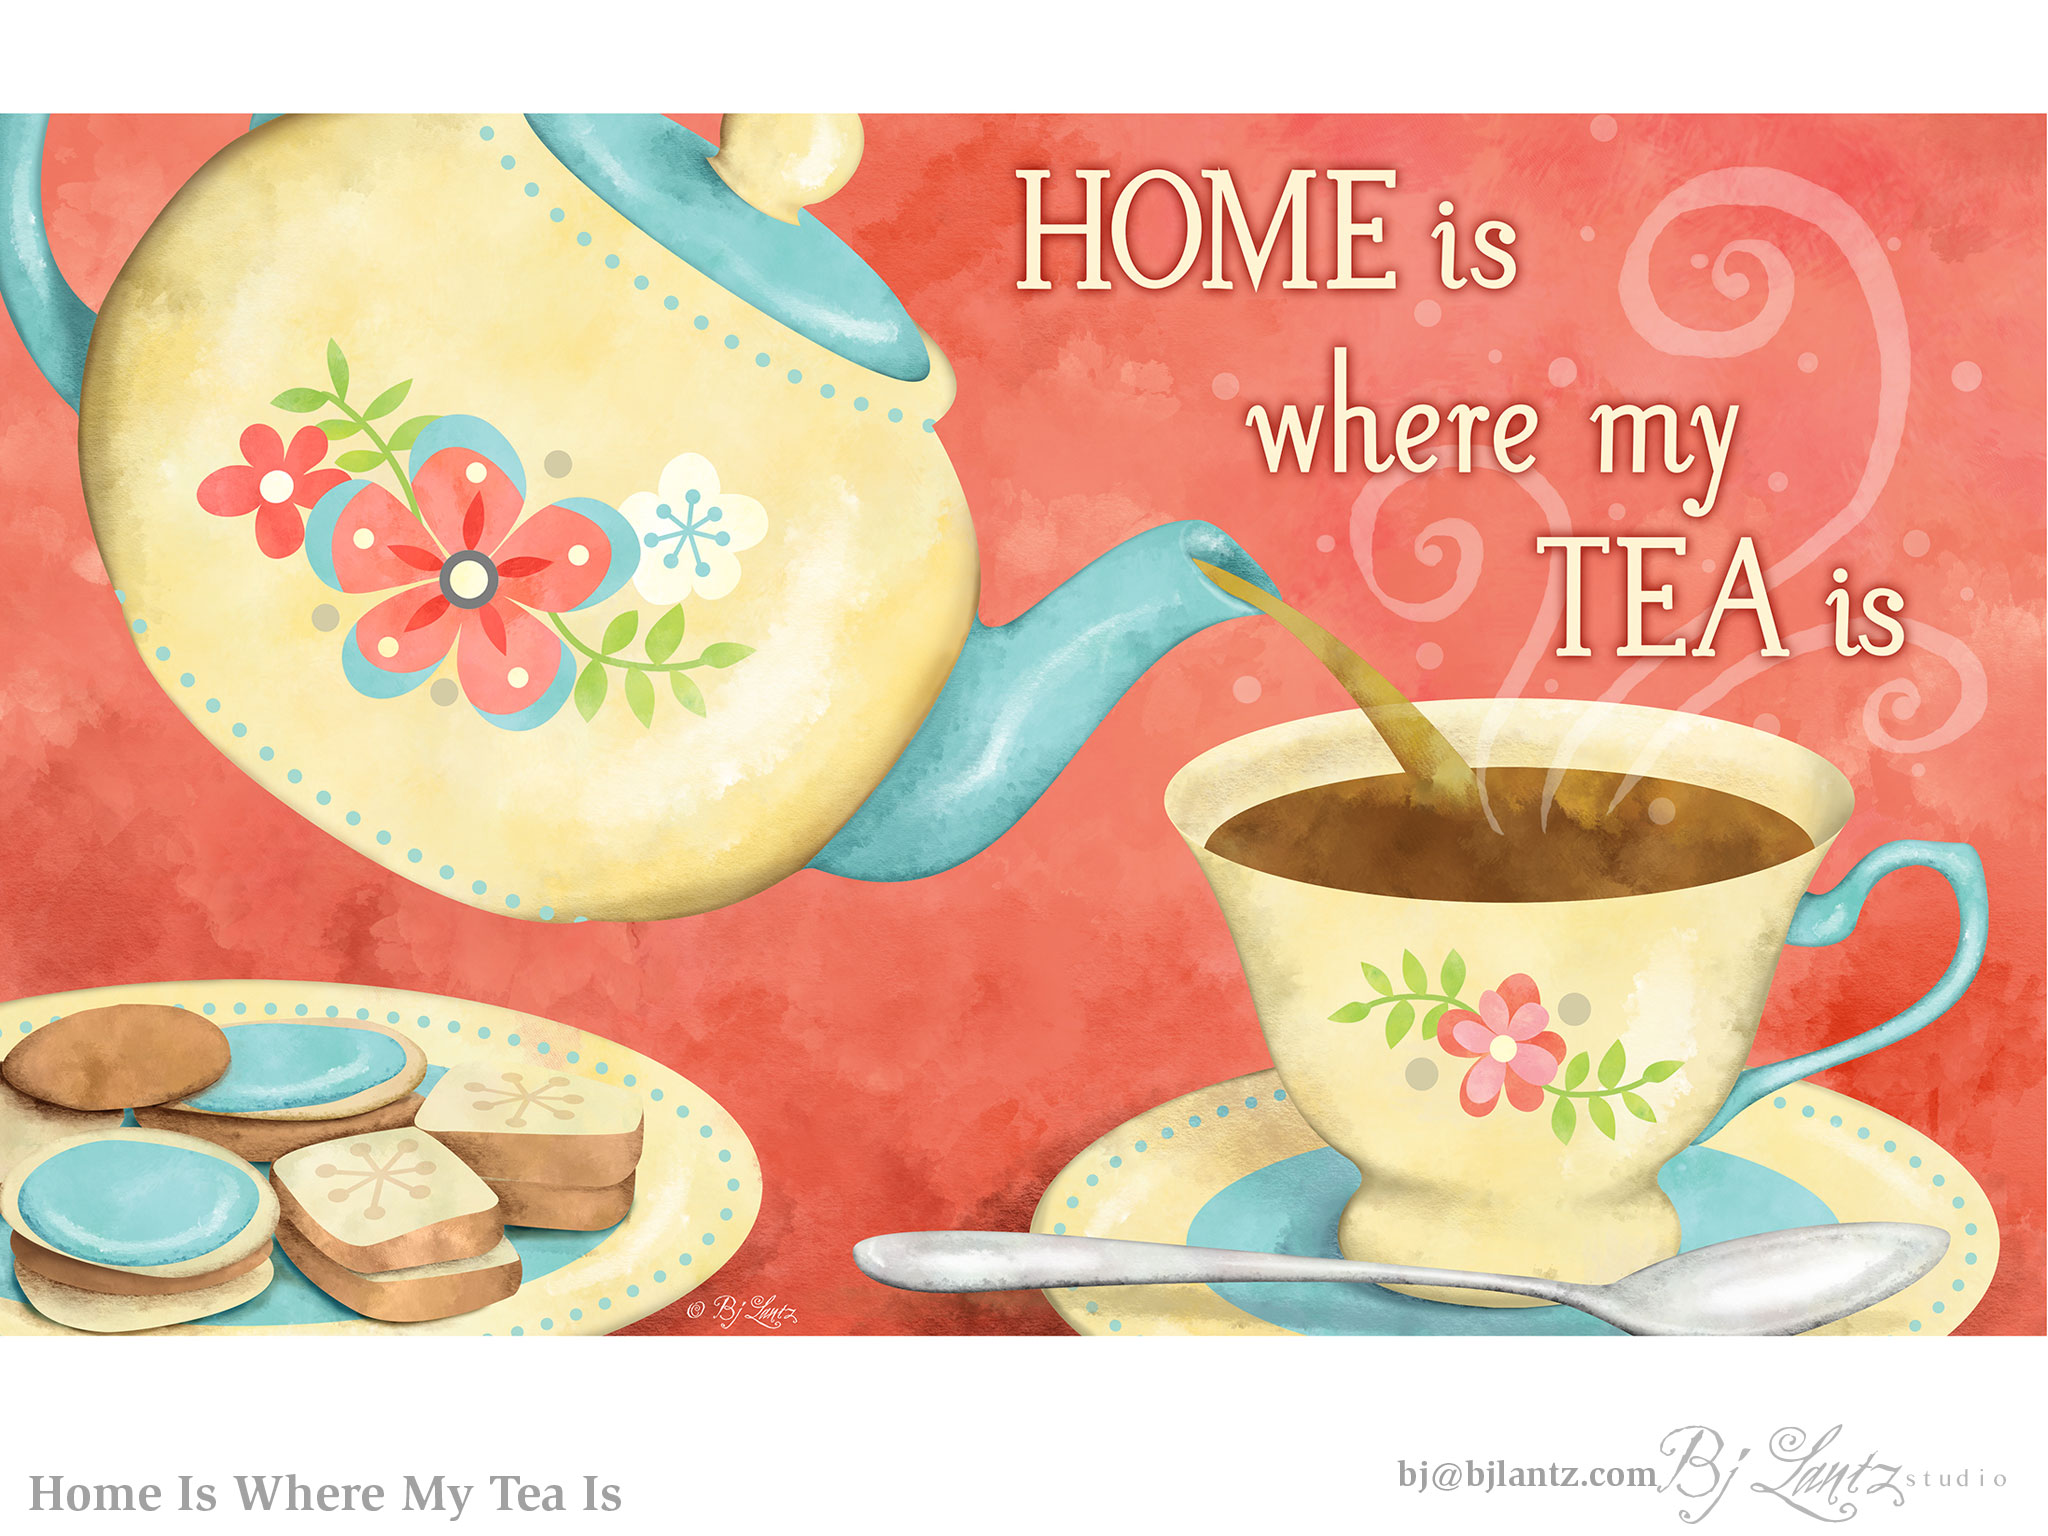 HomeWhereMyTeaIs_BJLantz_portfolio.jpg